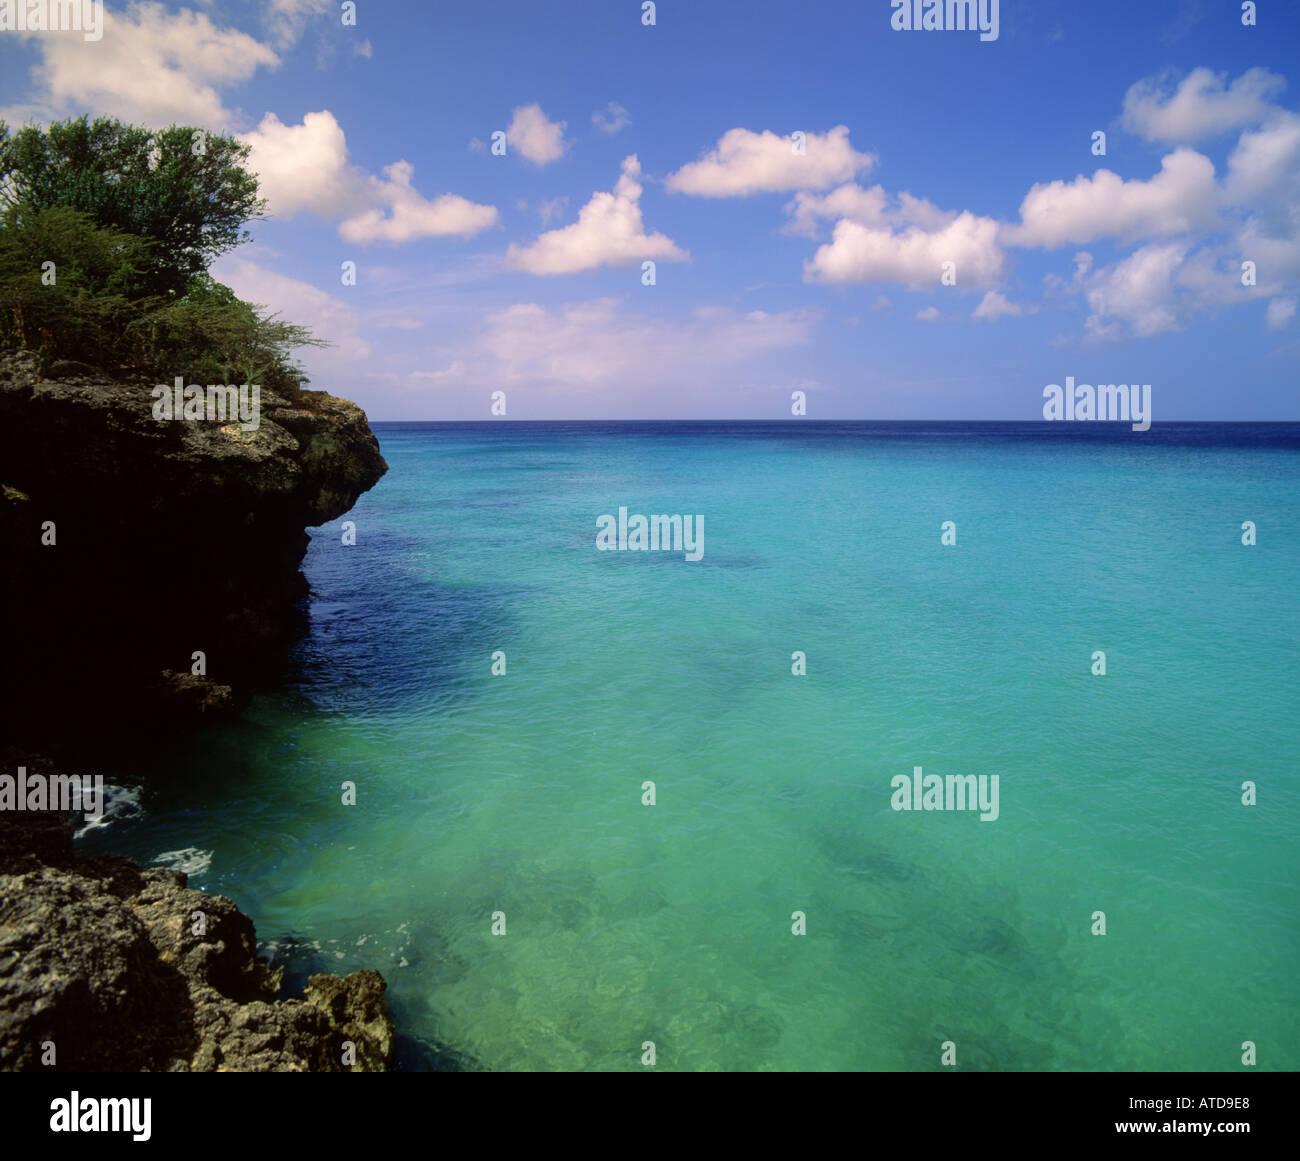 Ciel bleu turquoise mer rencontre près de Kipps Beach sur la côte rocheuse de l'île des Caraïbes de Curacao Banque D'Images